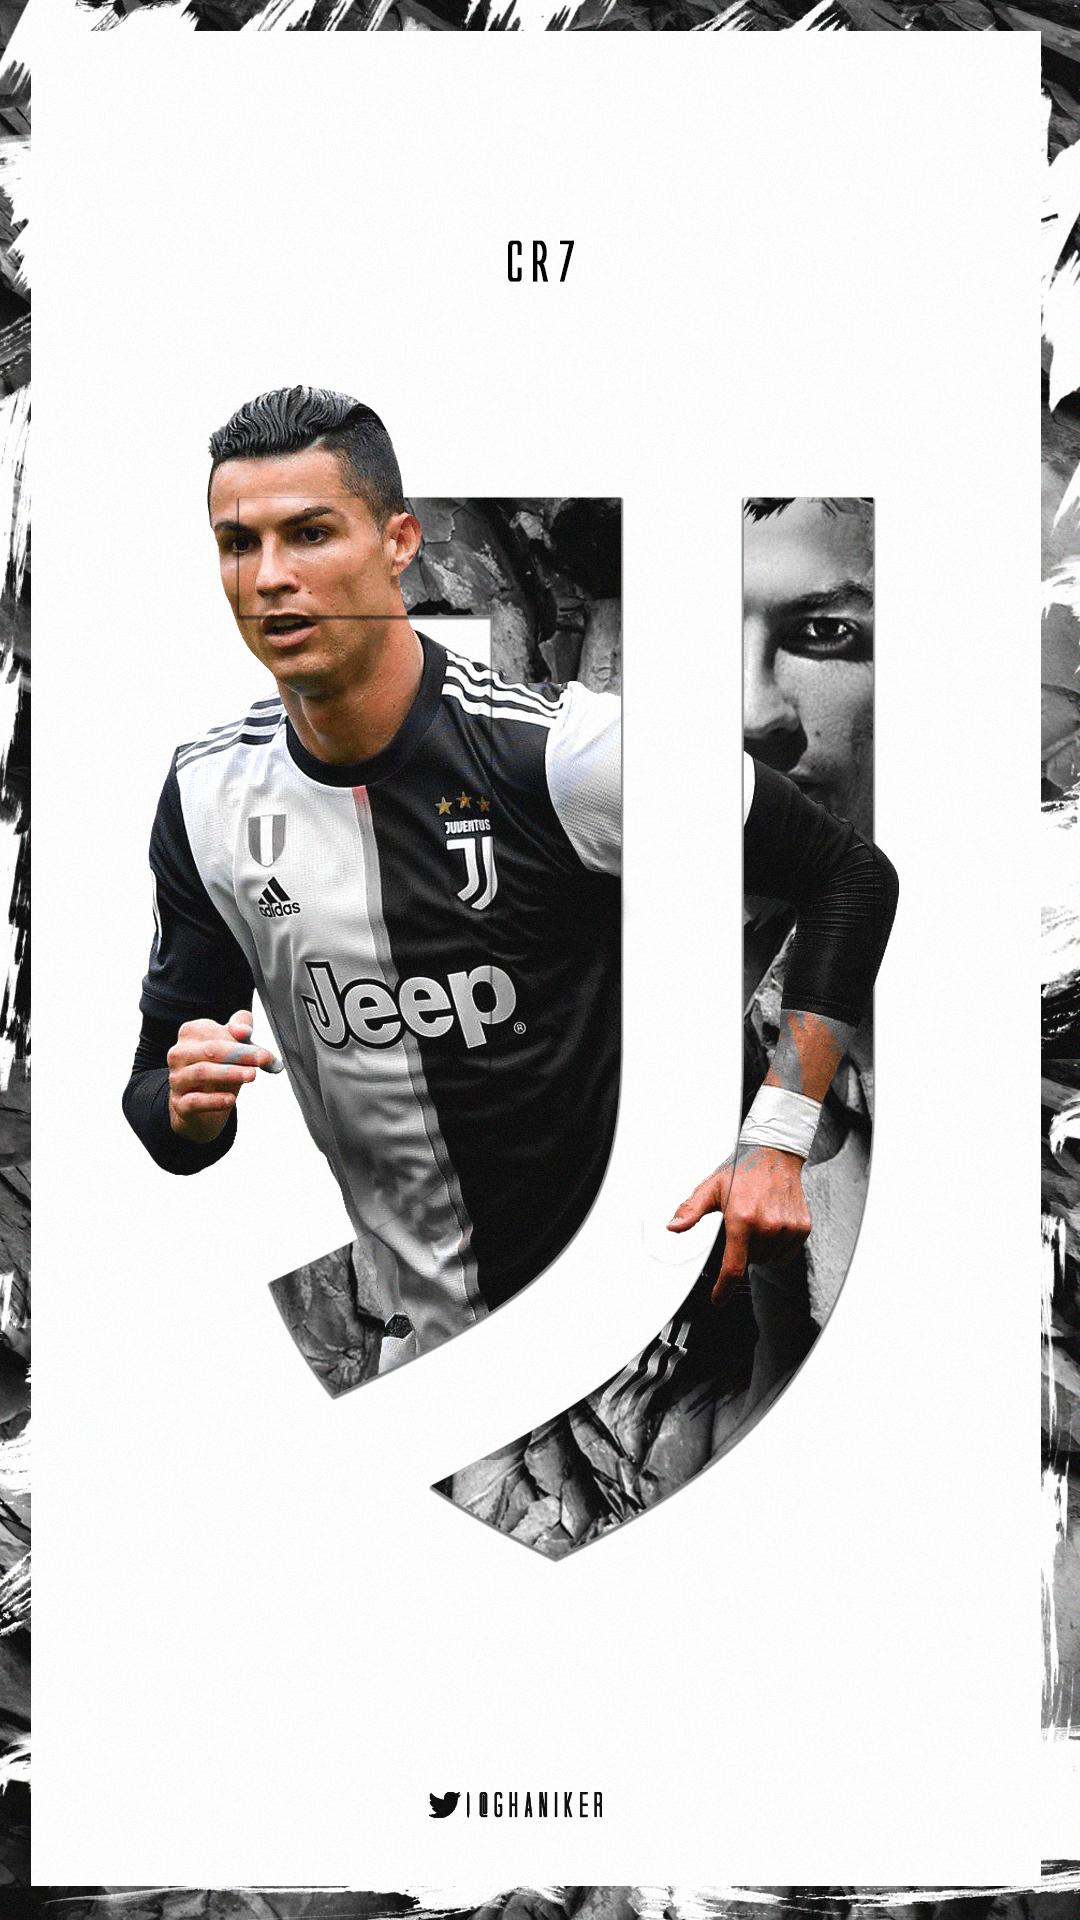 SportsCristiano Ronaldo 1080x1920 Wallpaper ID 822797   Mobile 1080x1920